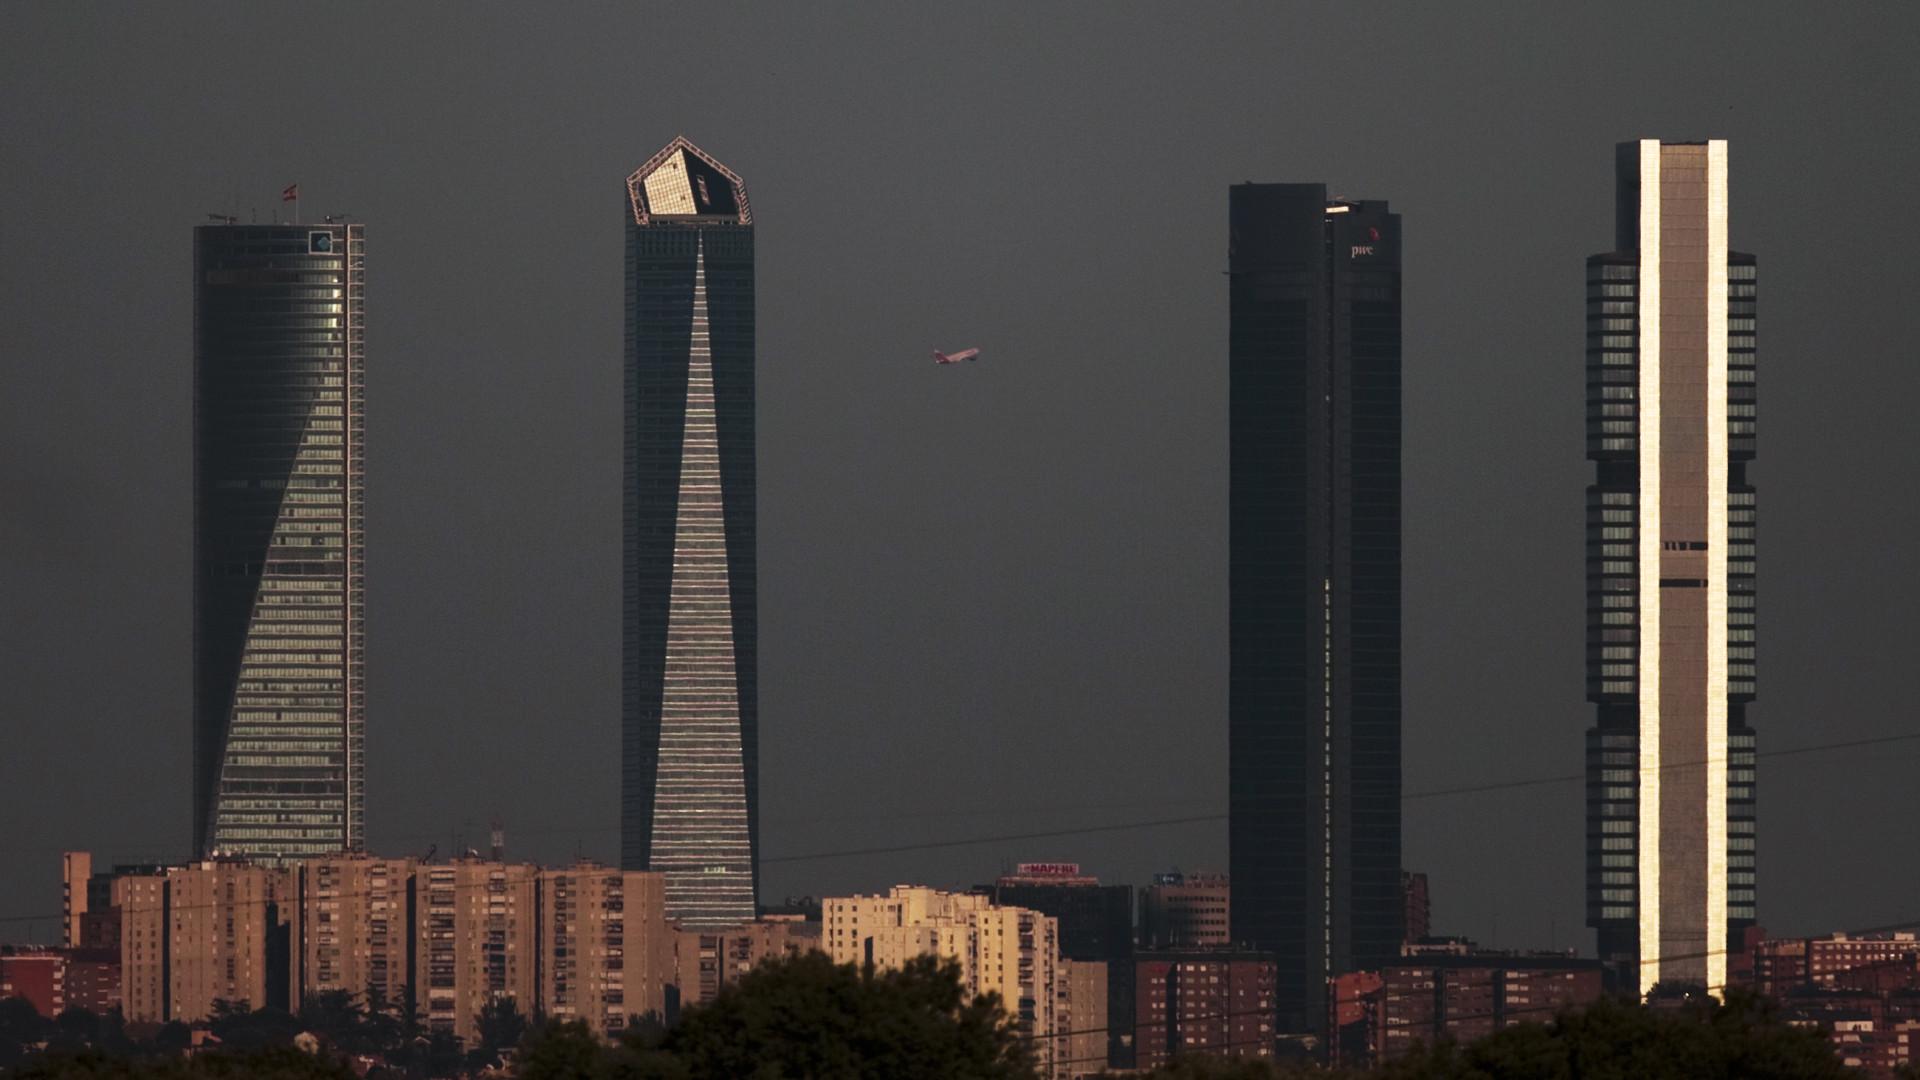 Torre Espacio em Madrid é evacuada após ameaça de bomba